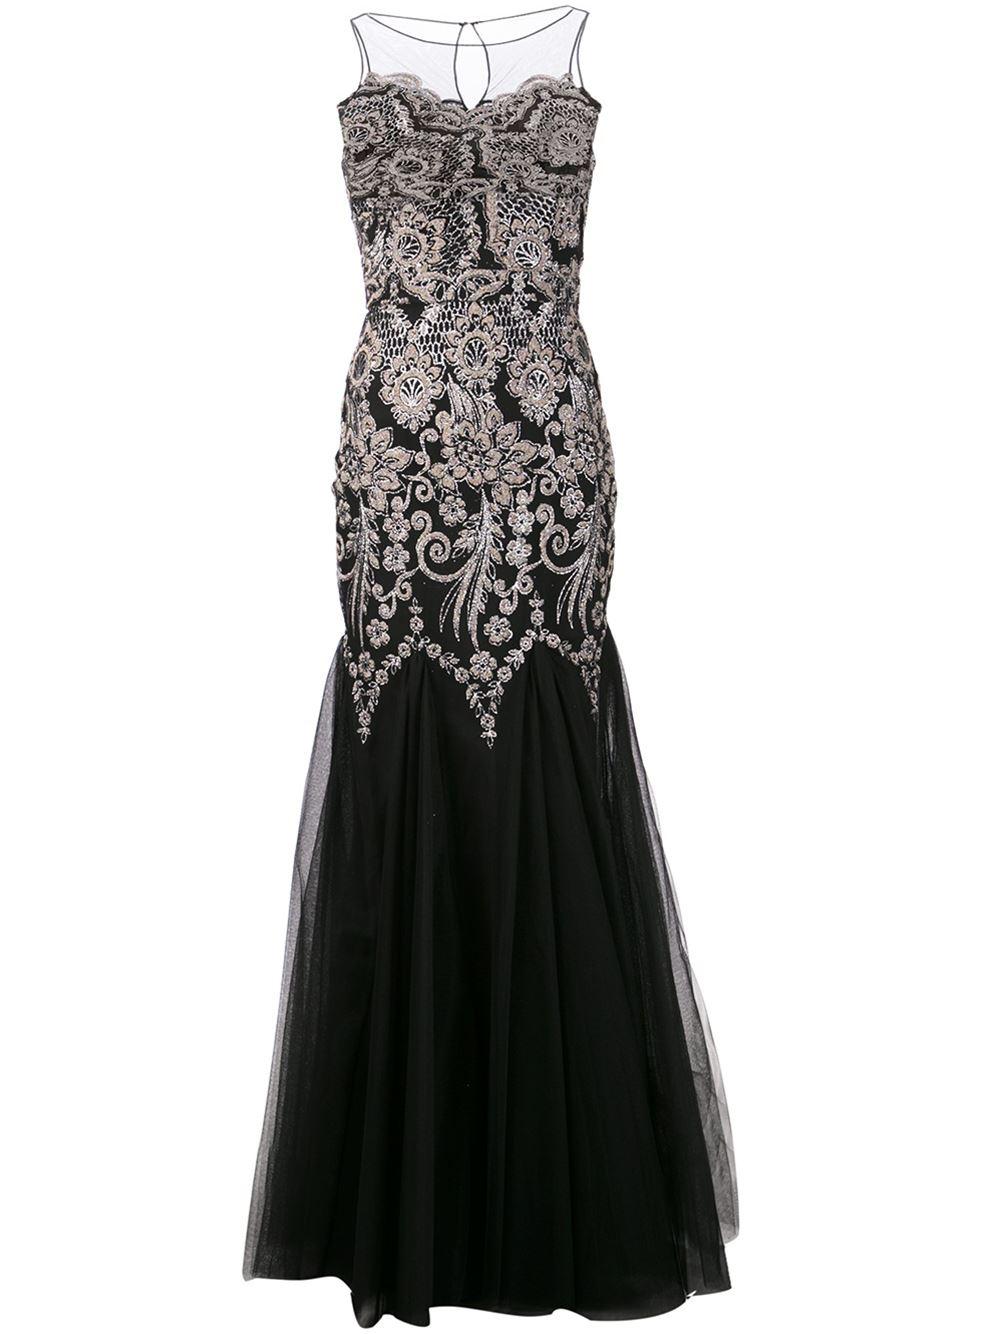 بالصور فساتين سهرة باللون الاسود , صيحه جديده لفستان السهره 3423 5